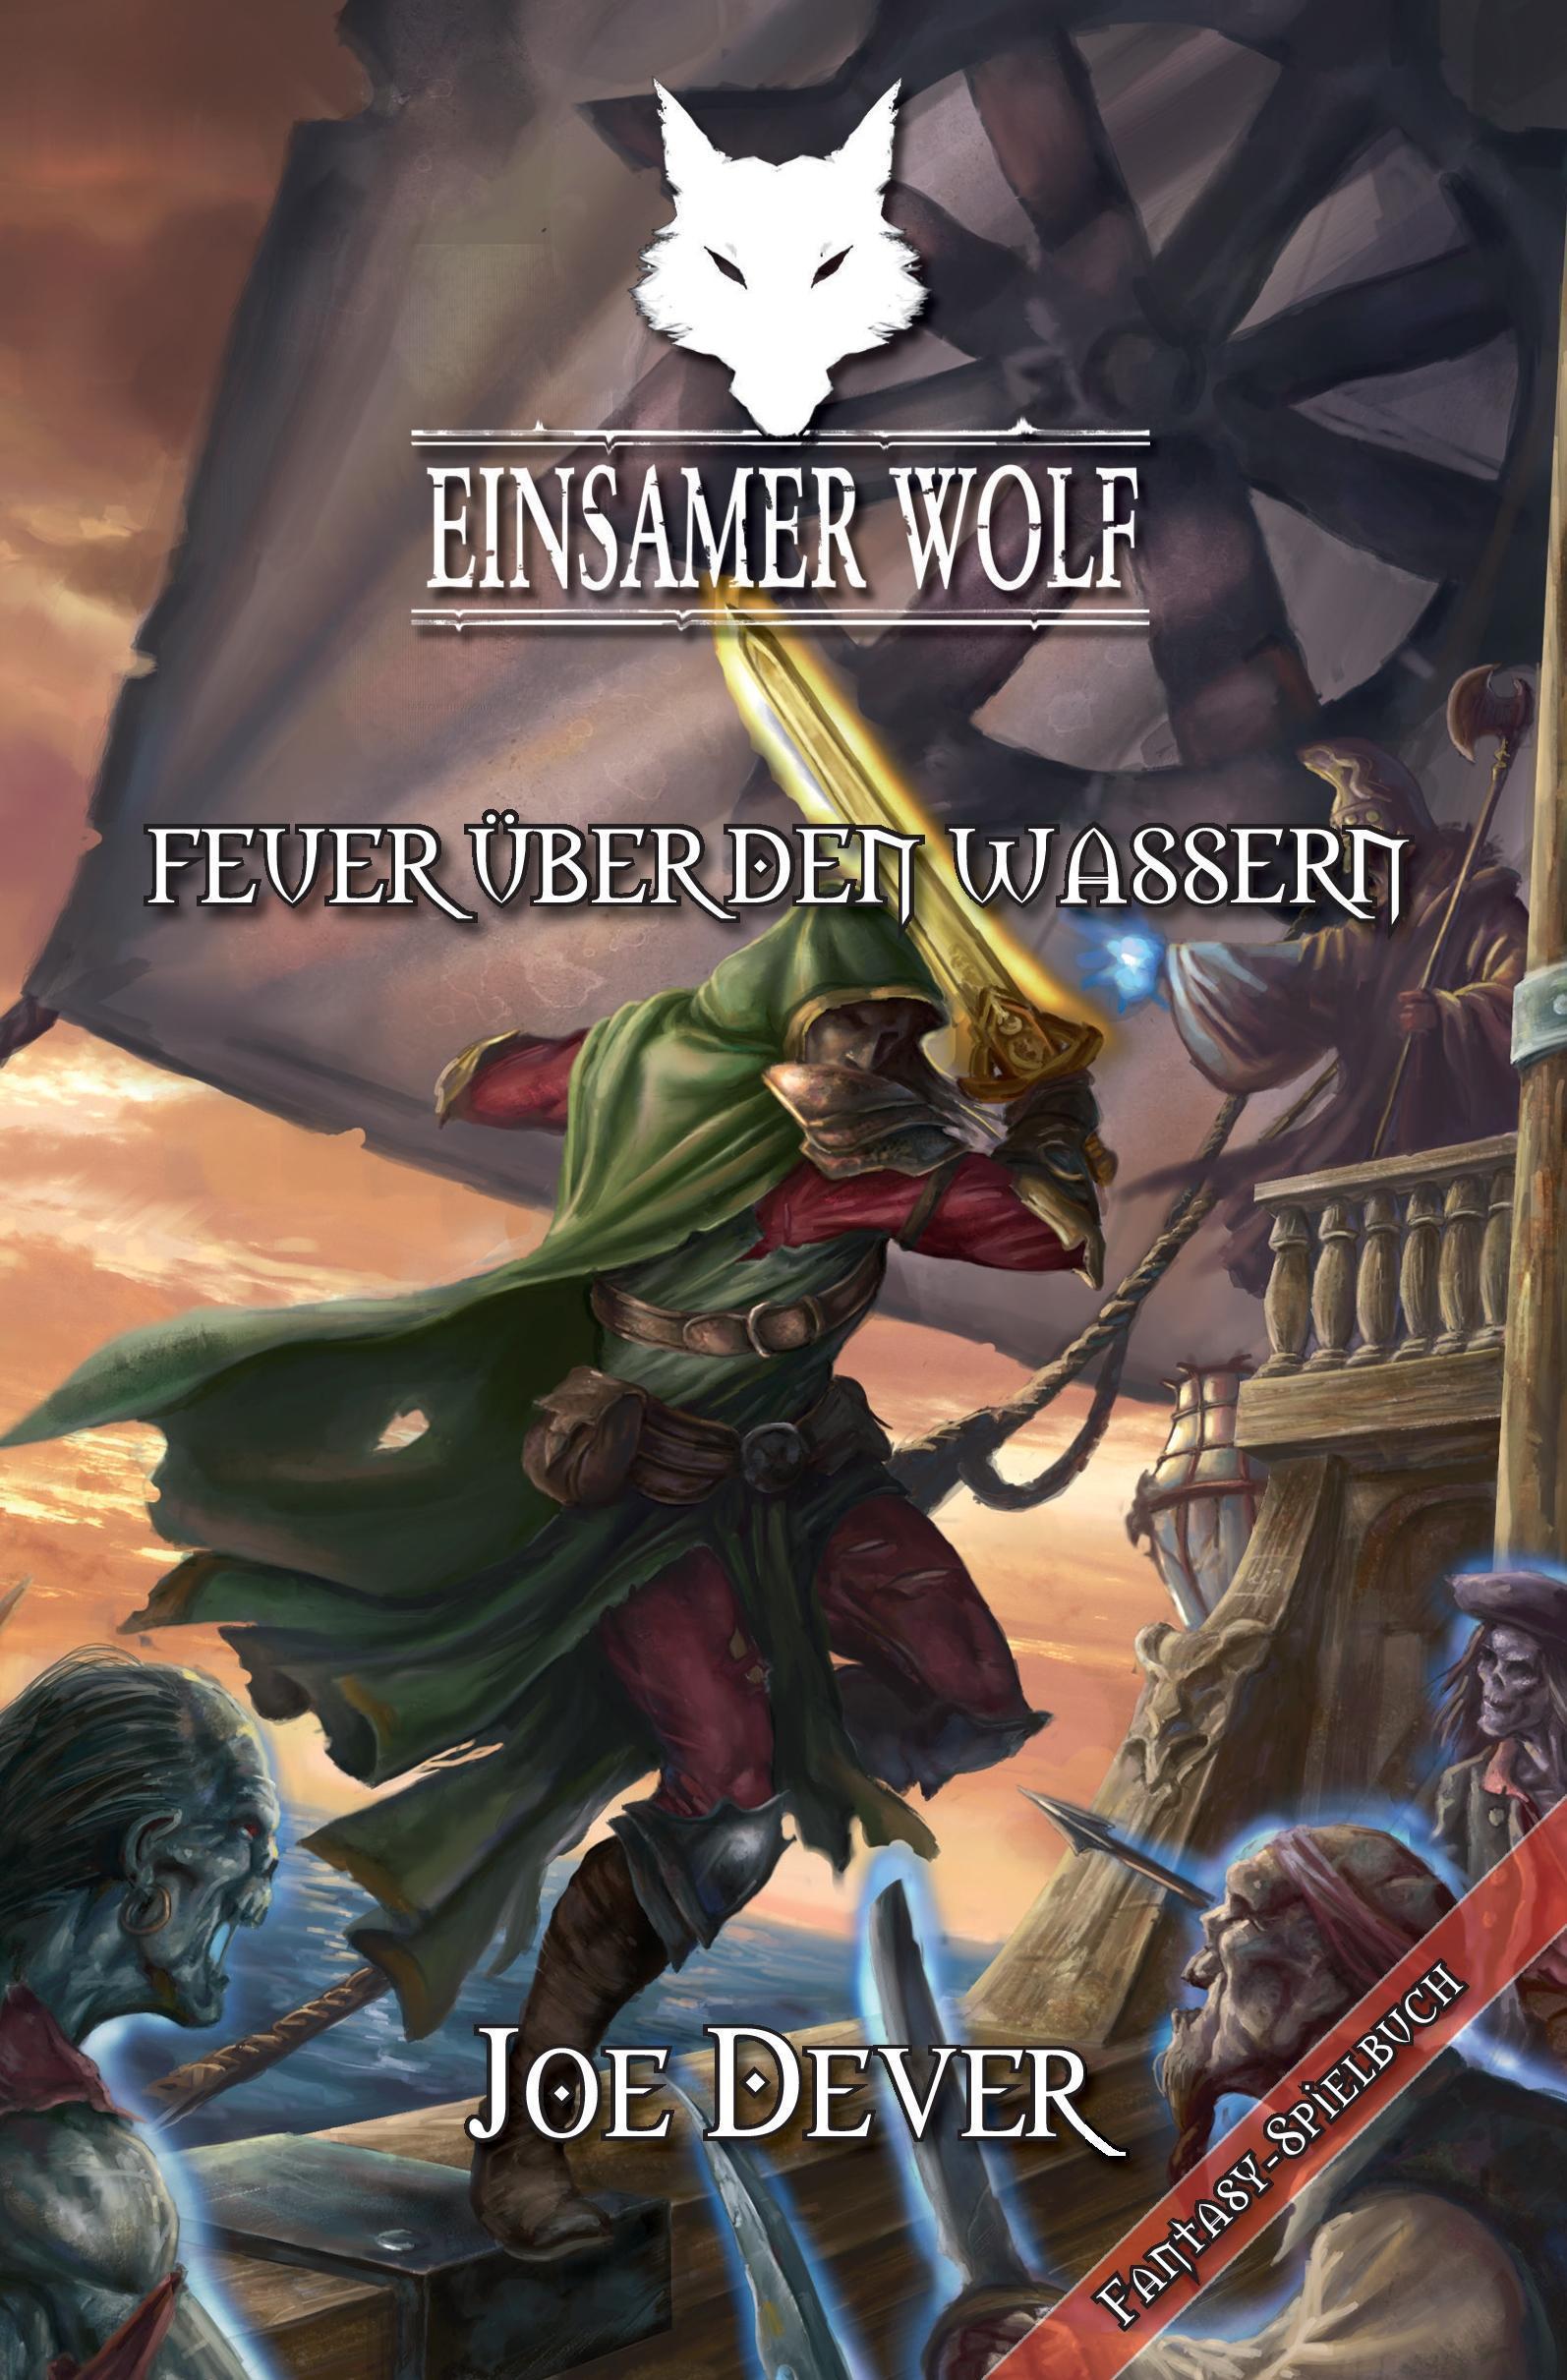 Goedhartig Einsamer Wolf 02 - Feuer über Den Wassern Joe Dever